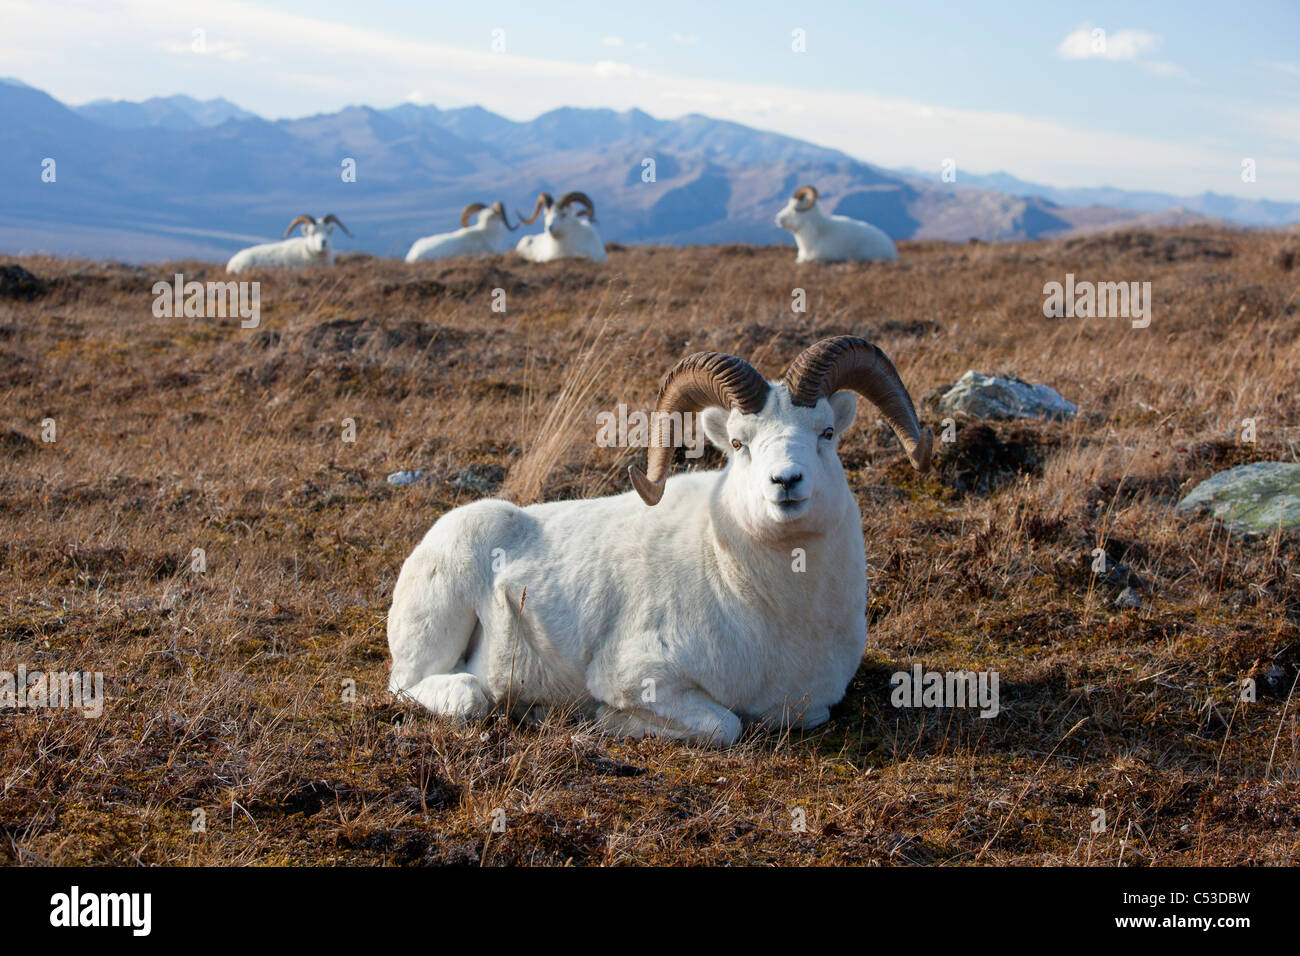 Una banda de Dall sheep mentira de carneros y descansar en una pradera de alta montaña, el Parque Nacional Denali y preservar, interior de Alaska, Otoño Foto de stock